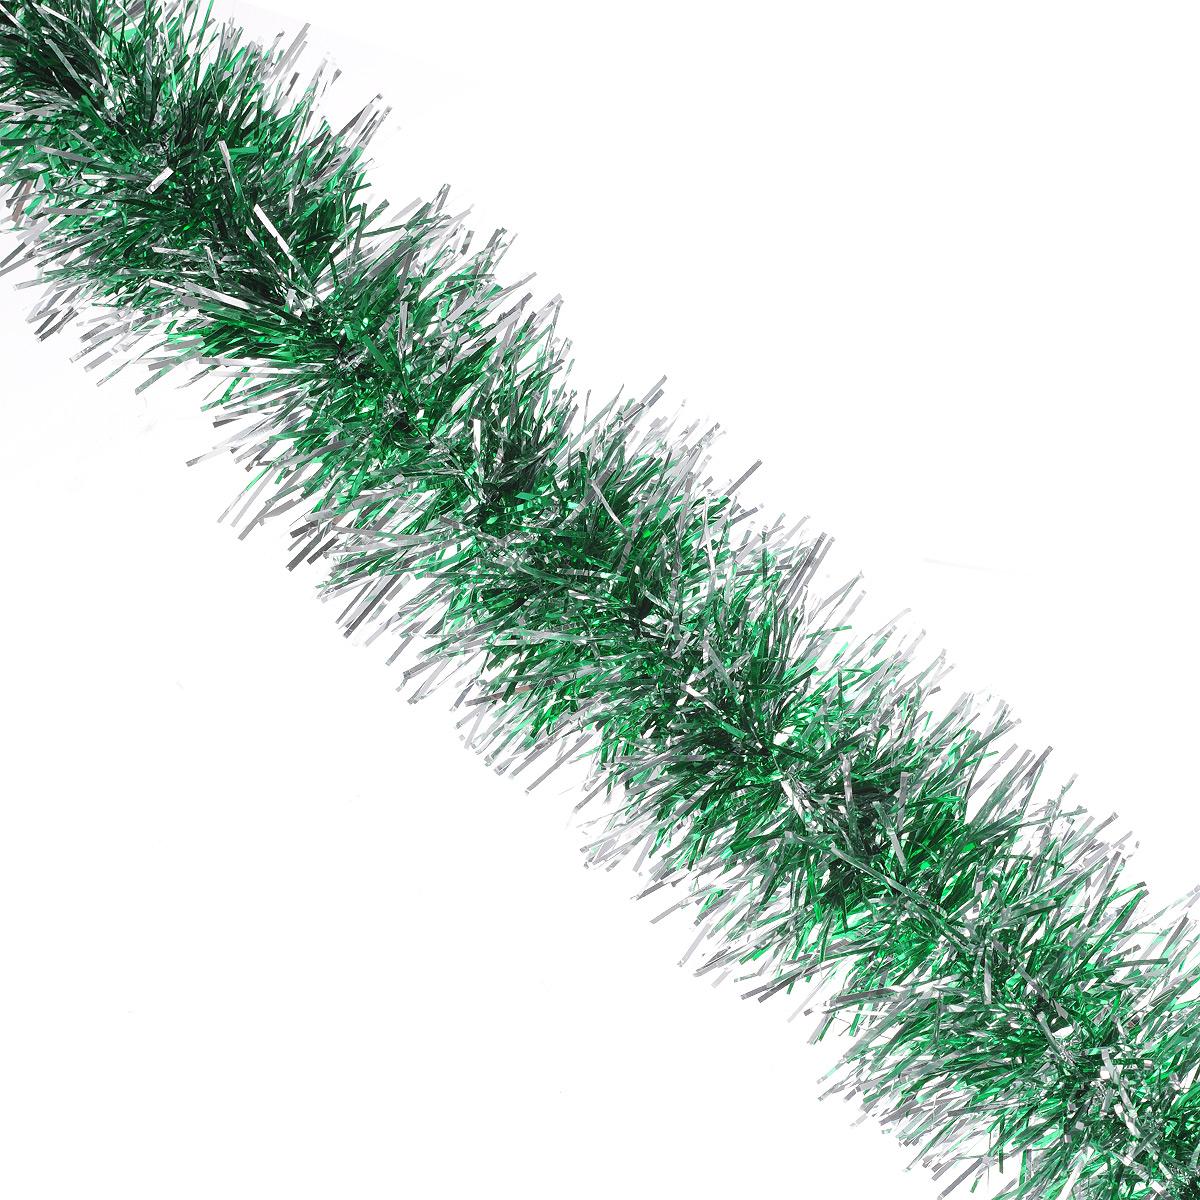 Мишура новогодняя Sima-land, цвет: серебристый, зеленый, диаметр 7 см, длина 150 см. 775876775876Мишура новогодняя Sima-land, выполненная из двухцветной фольги, поможет вам украсить свой дом к предстоящим праздникам. Мишура армирована, то есть имеет проволоку внутри и способна сохранять приданную ей форму. Новогодняя елка с таким украшением станет еще наряднее. Новогодней мишурой можно украсить все, что угодно - елку, квартиру, дачу, офис - как внутри, так и снаружи. Можно сложить новогодние поздравления, буквы и цифры, мишурой можно украсить и дополнить гирлянды, можно выделить дверные колонны, оплести дверные проемы. Коллекция декоративных украшений из серии Зимнее волшебство принесет в ваш дом ни с чем несравнимое ощущение праздника! Создайте в своем доме атмосферу тепла, веселья и радости, украшая его всей семьей.